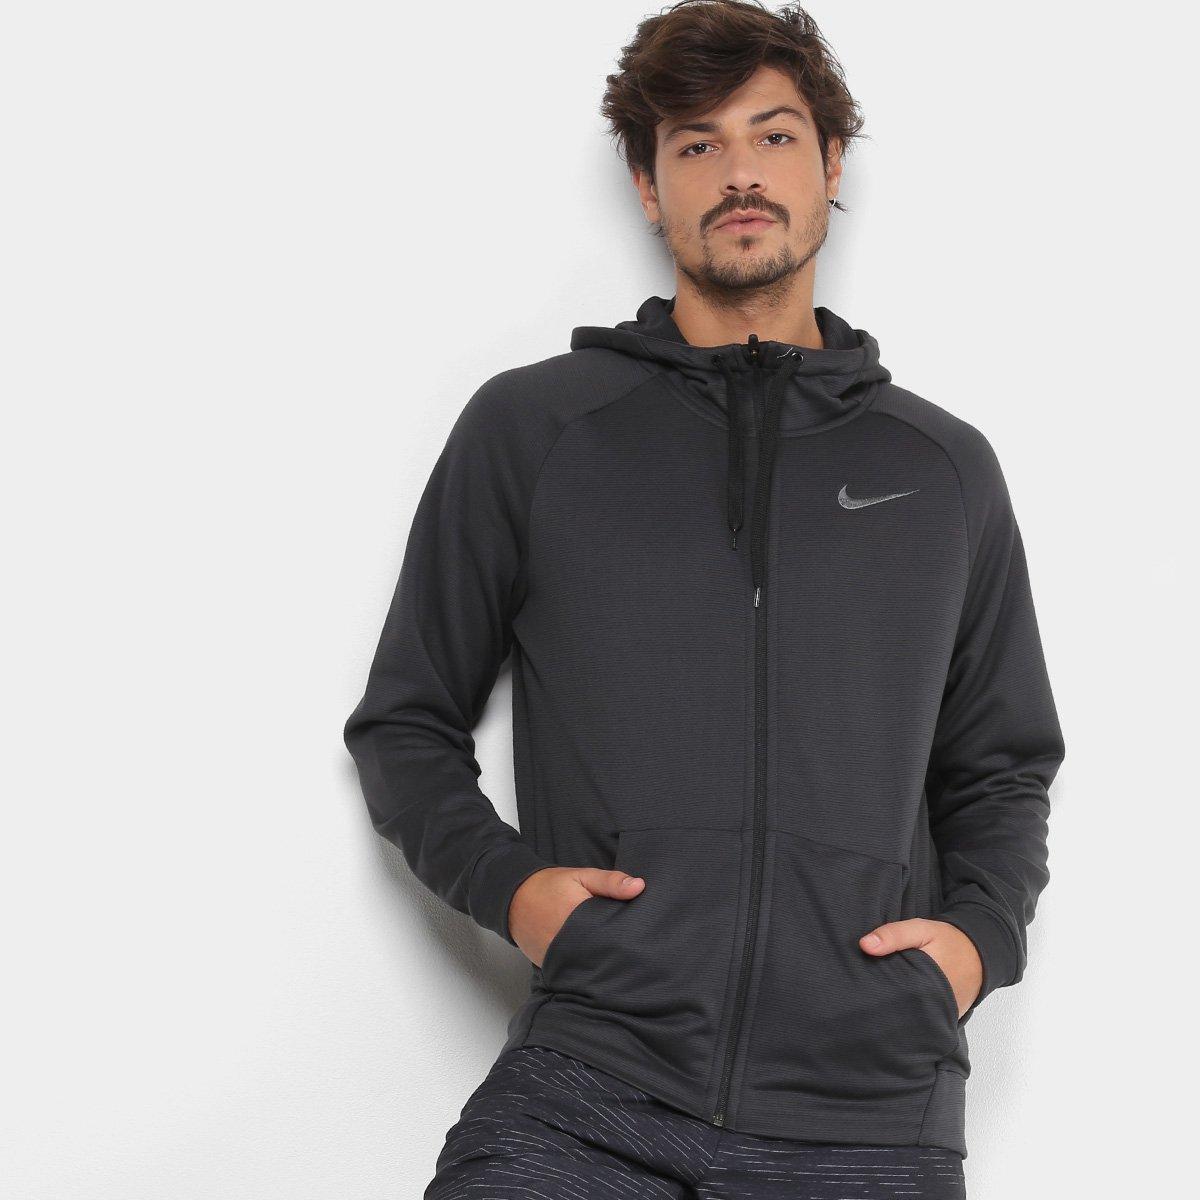 6cb5d71da62 Jaqueta Nike Dry Hoodie Fz Fleece Masculina - Preto e Cinza - Compre Agora